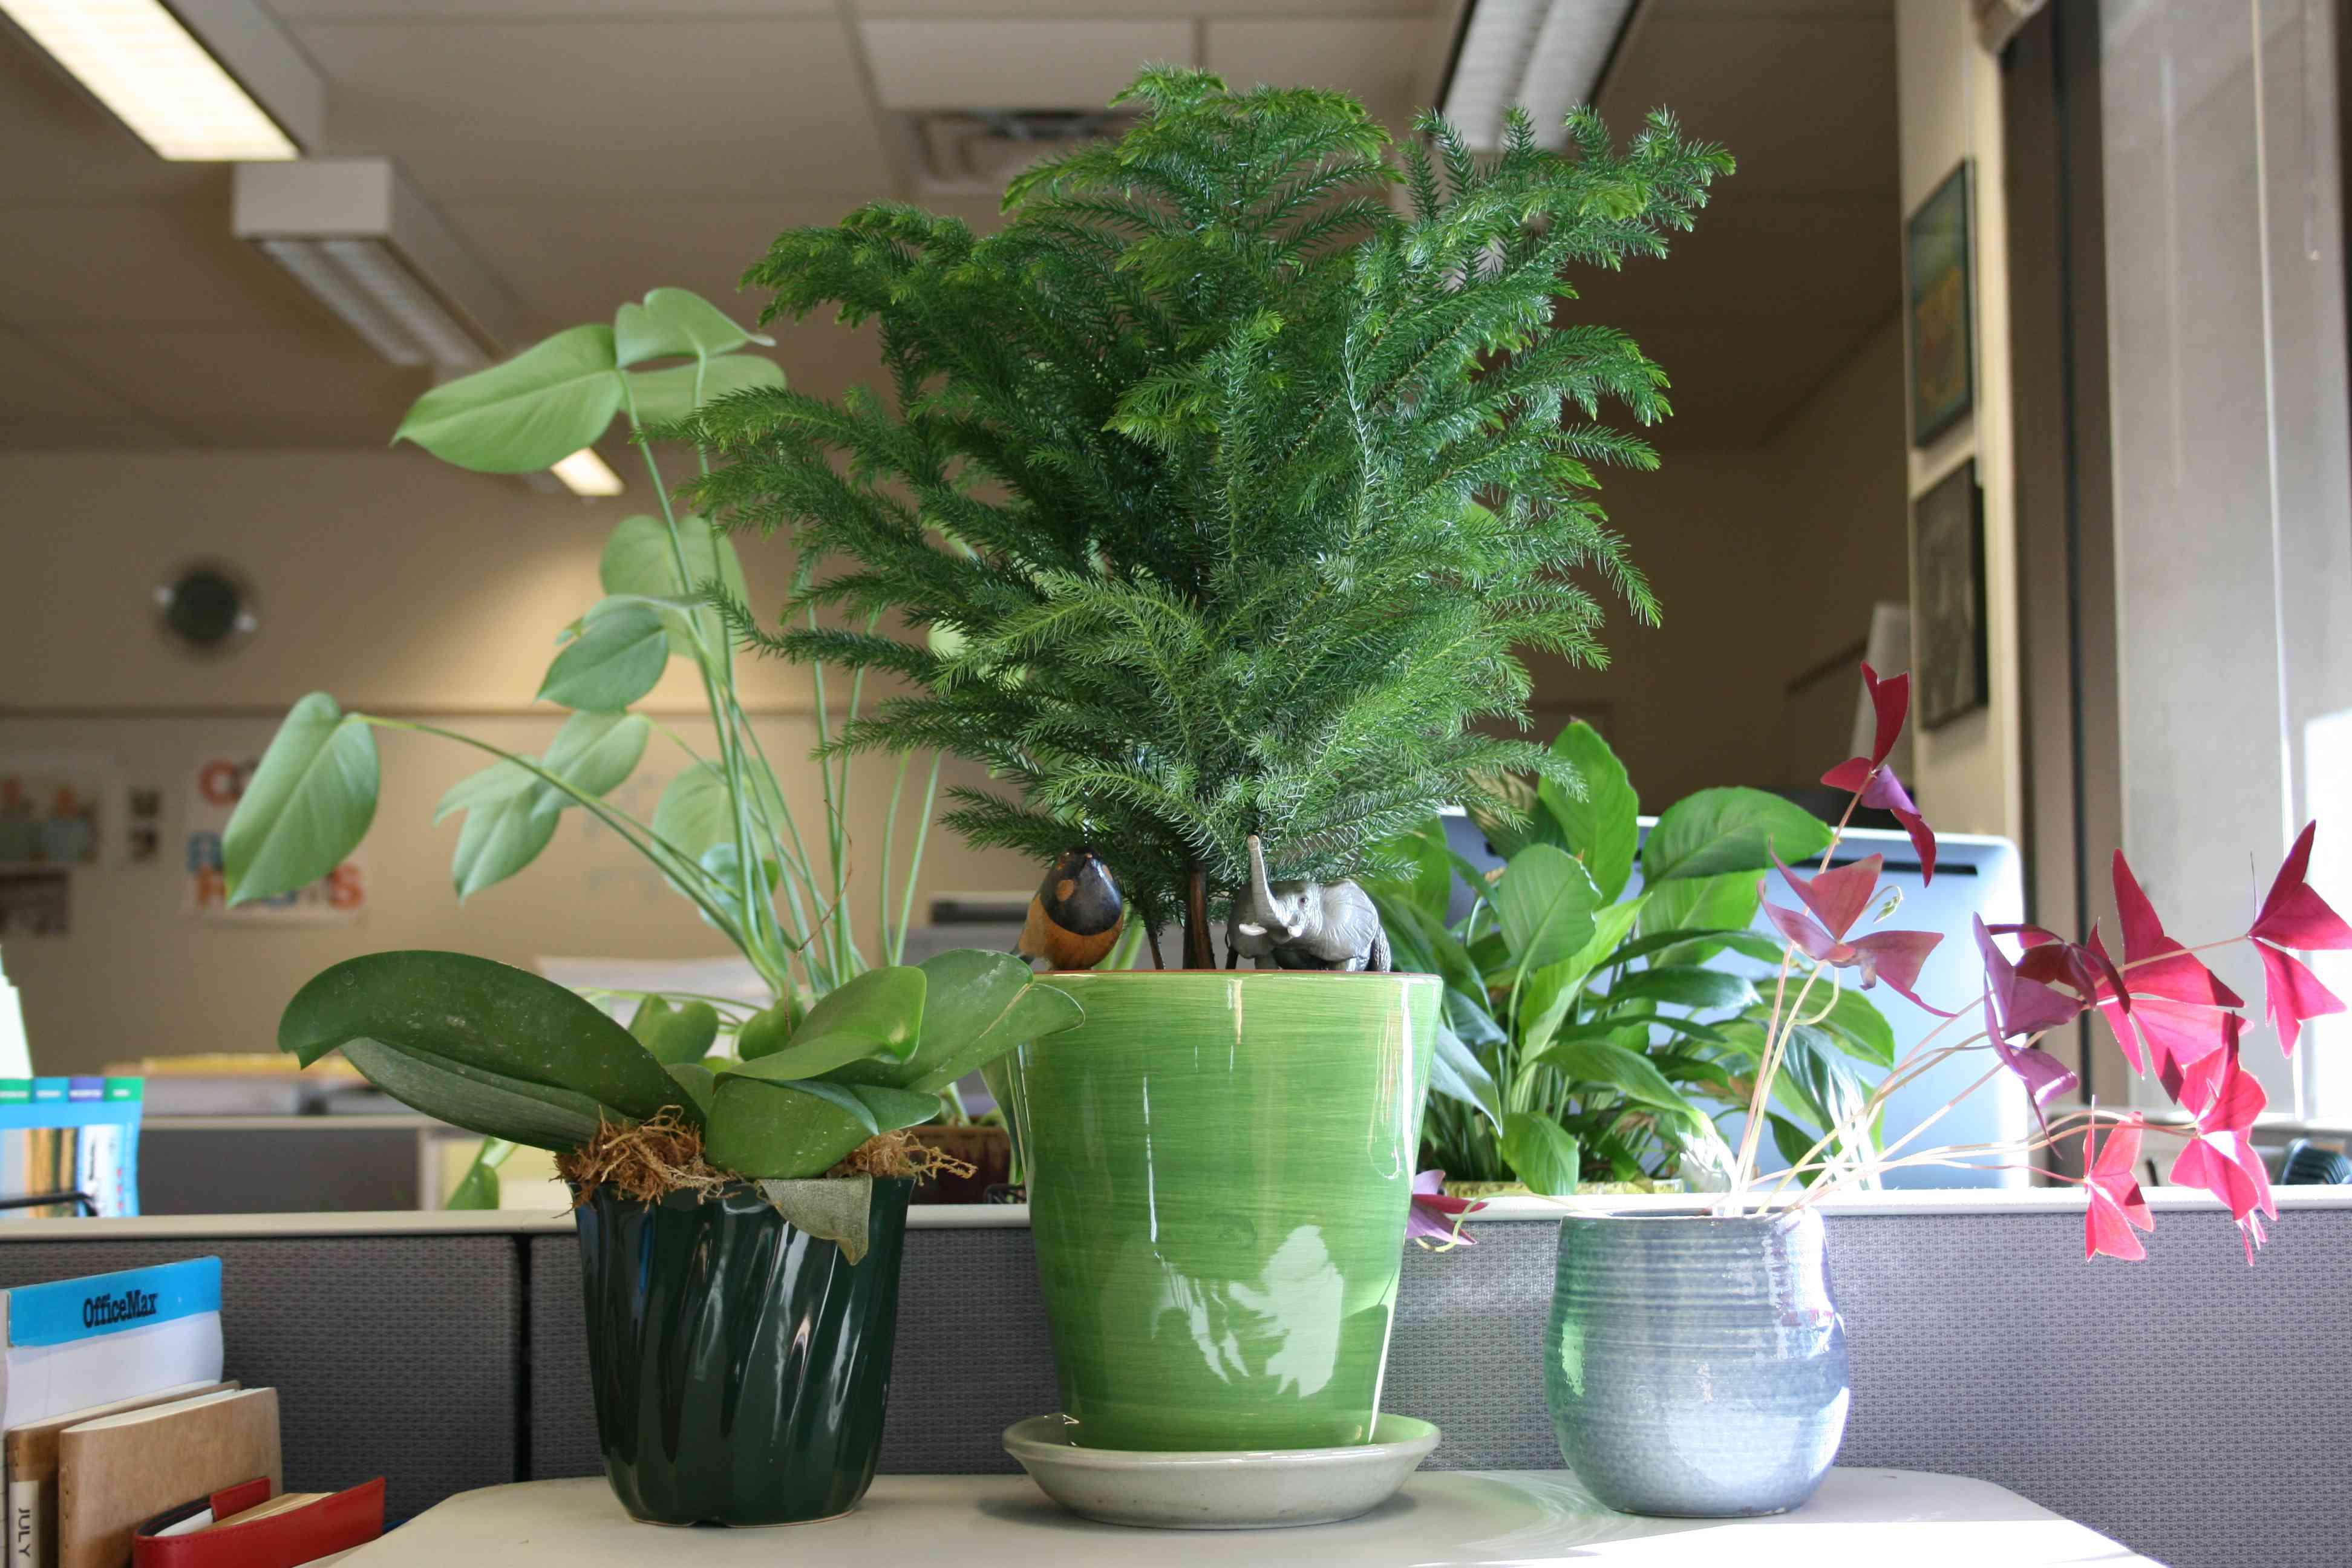 Norfolk Island tree in a green pot in an office.